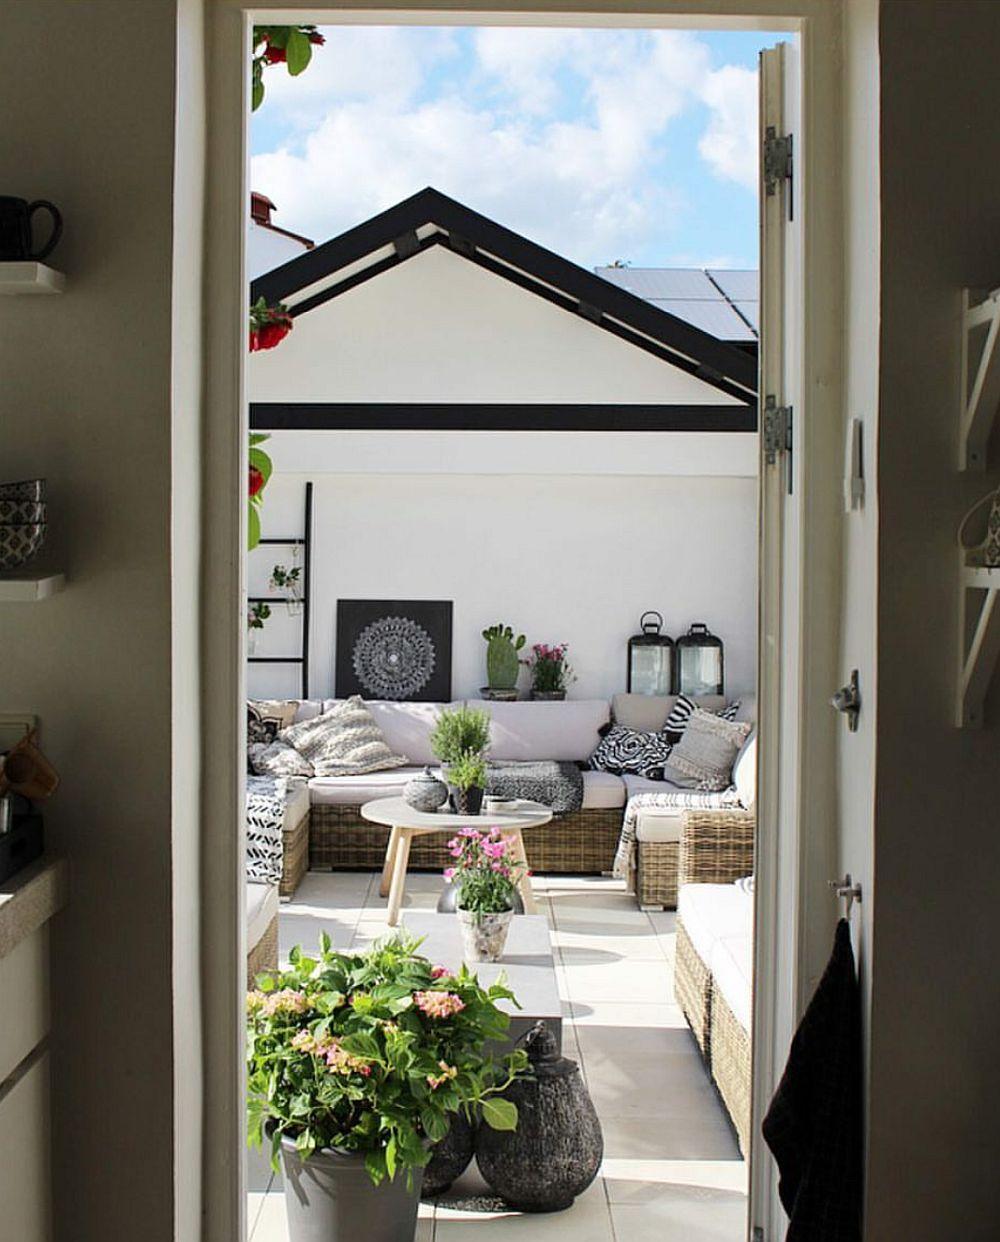 adelaparvu.com despre terasa in stil Nordic Boho, designer si foto Kristen Skovbon (28)